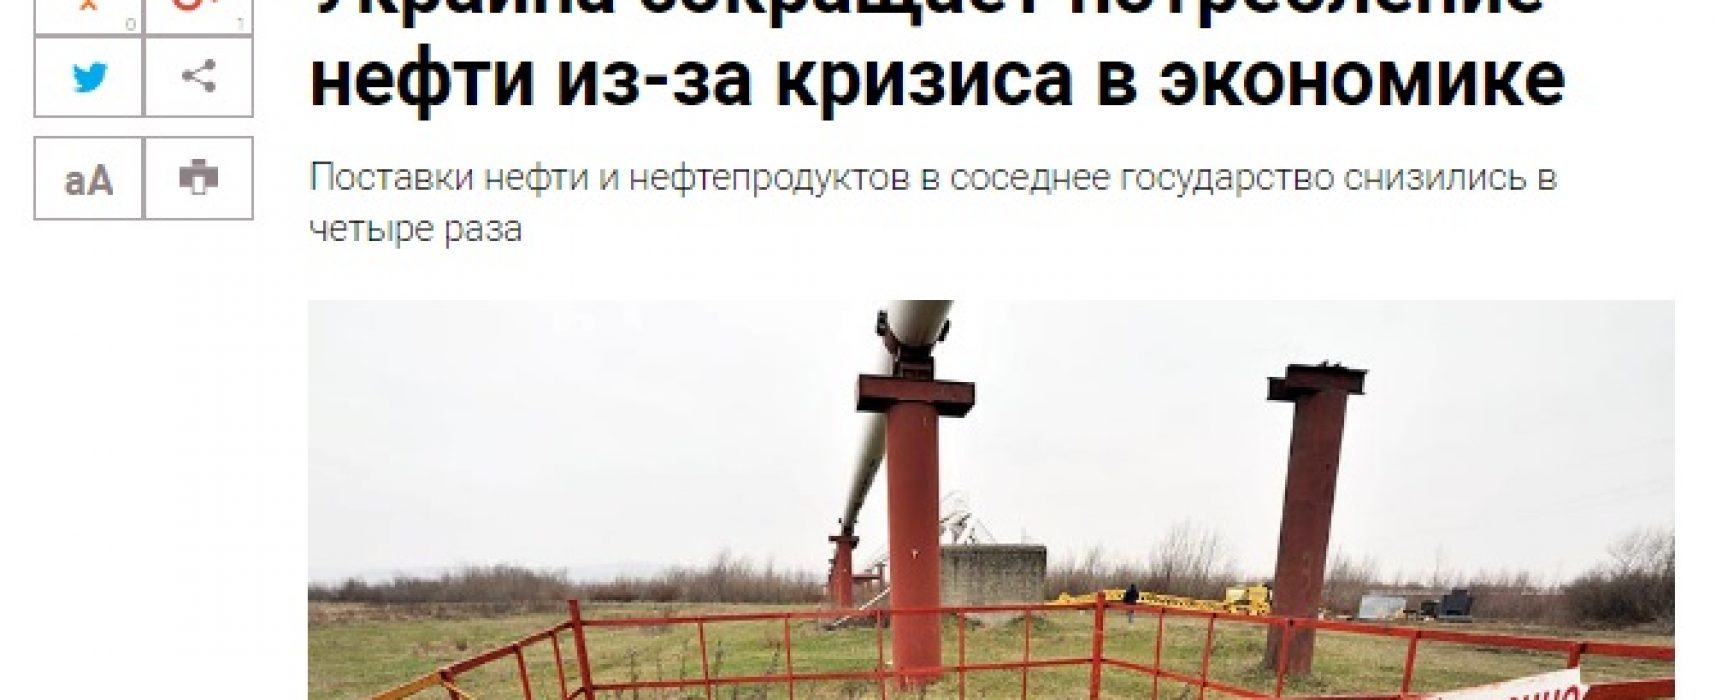 Фейк: Украйна въвела режим на строга икономия на нефт заради кризата